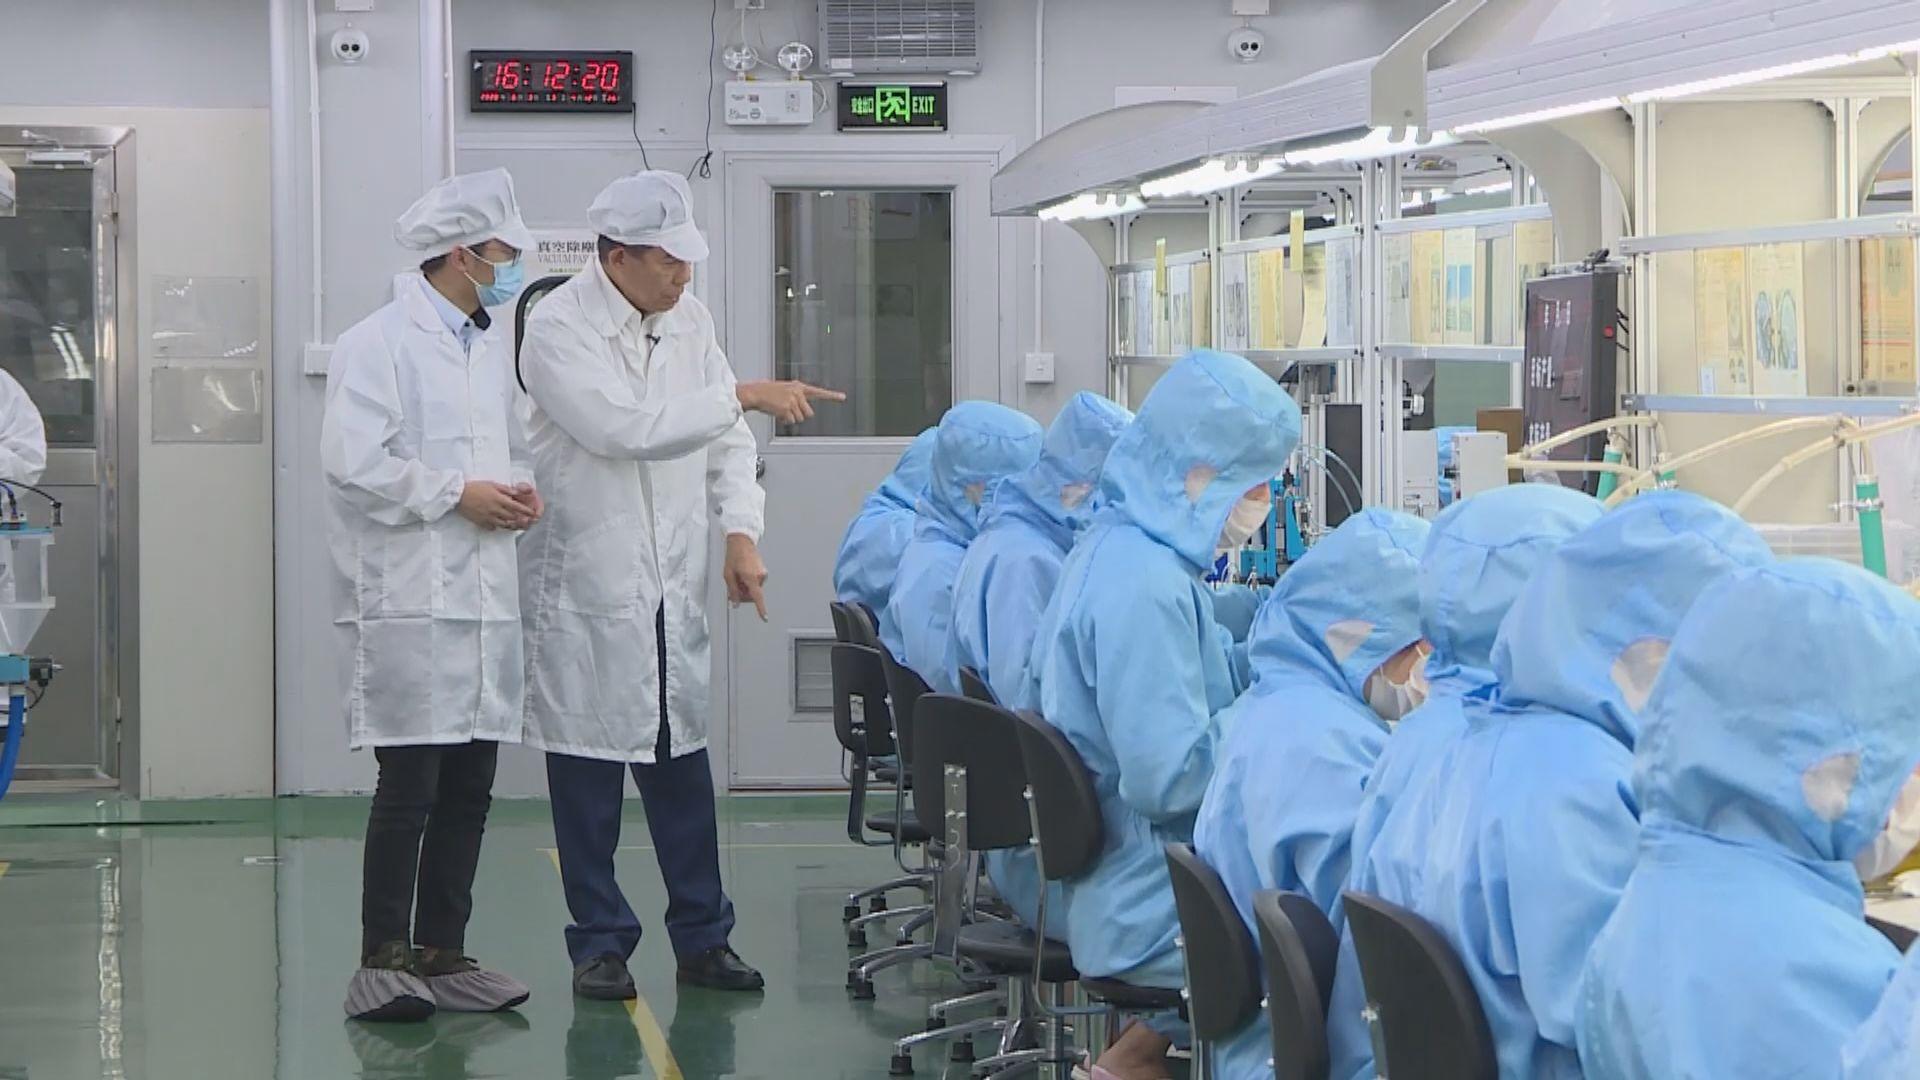 【健康碼】港商:兩地不互認新冠病毒檢測結果 豁免安排作用不大